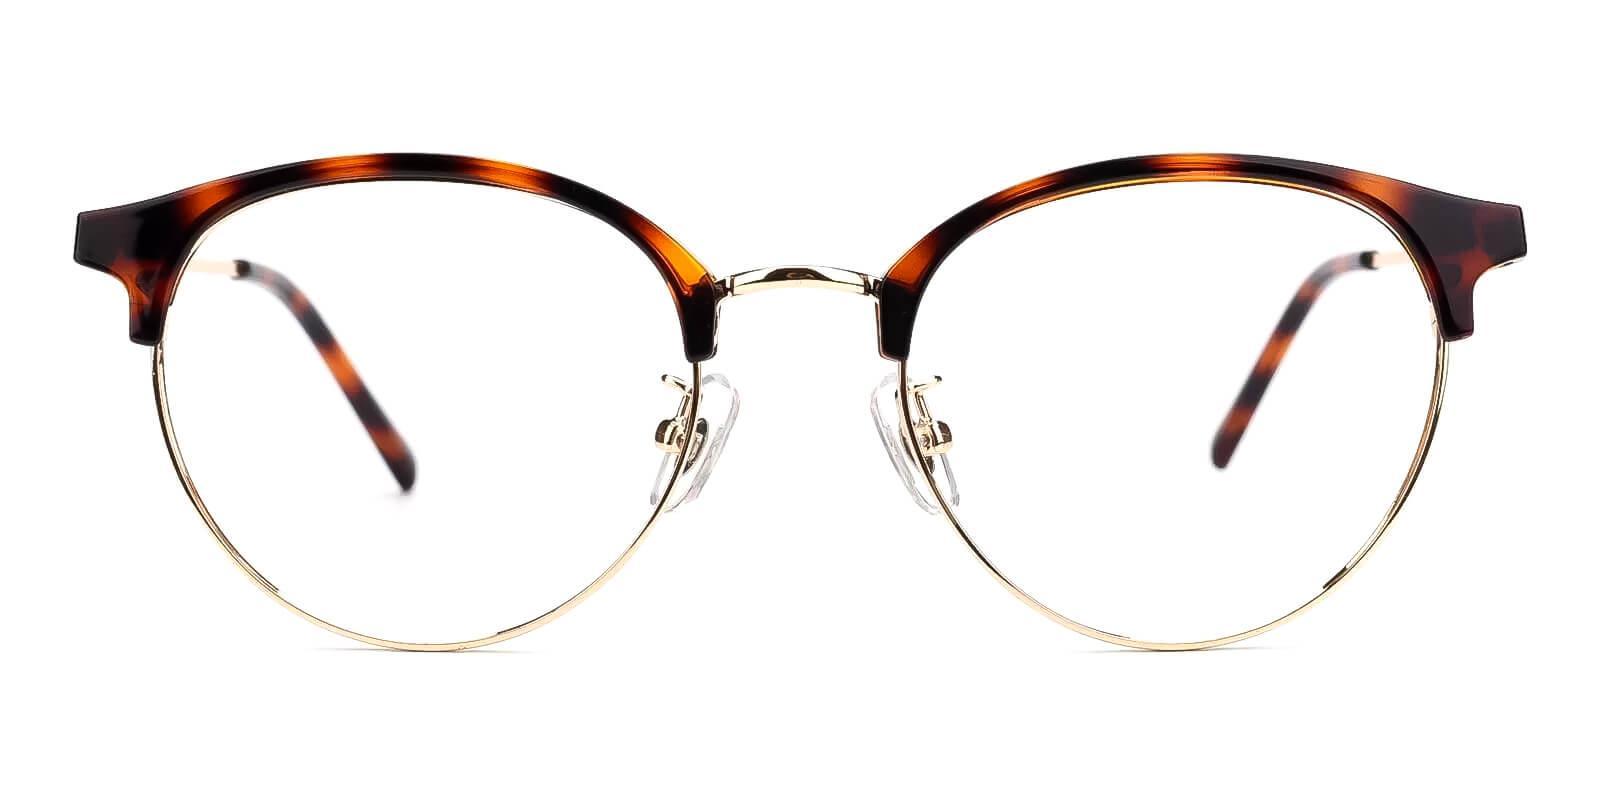 Similar Tortoise Metal Eyeglasses , Fashion , NosePads Frames from ABBE Glasses